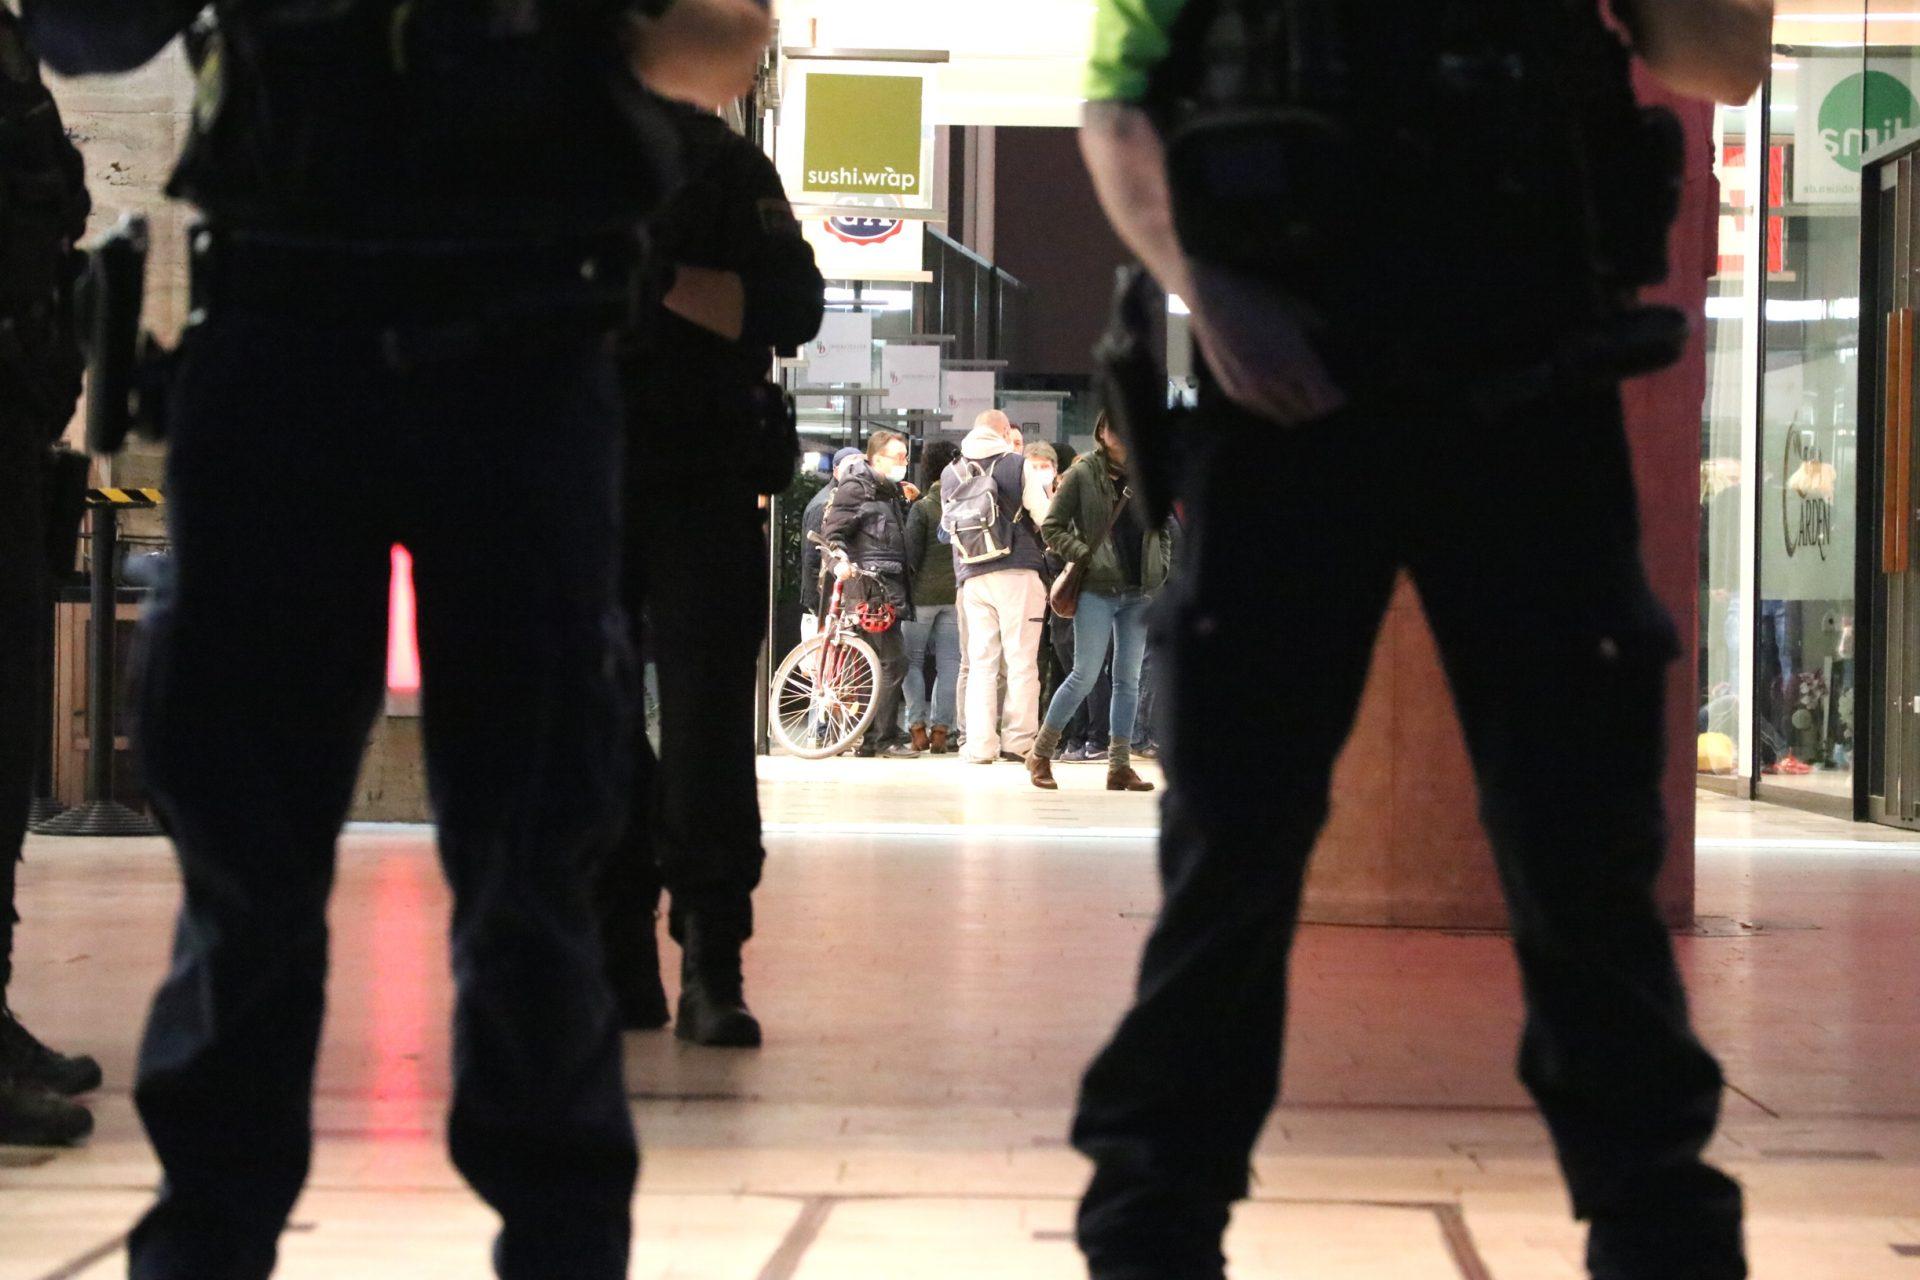 20 Freiheitskämpfer/-innen etwa eine Stunde in der Einkaufspassage vom Gegenprotest eingeschlossen. Foto: LZ